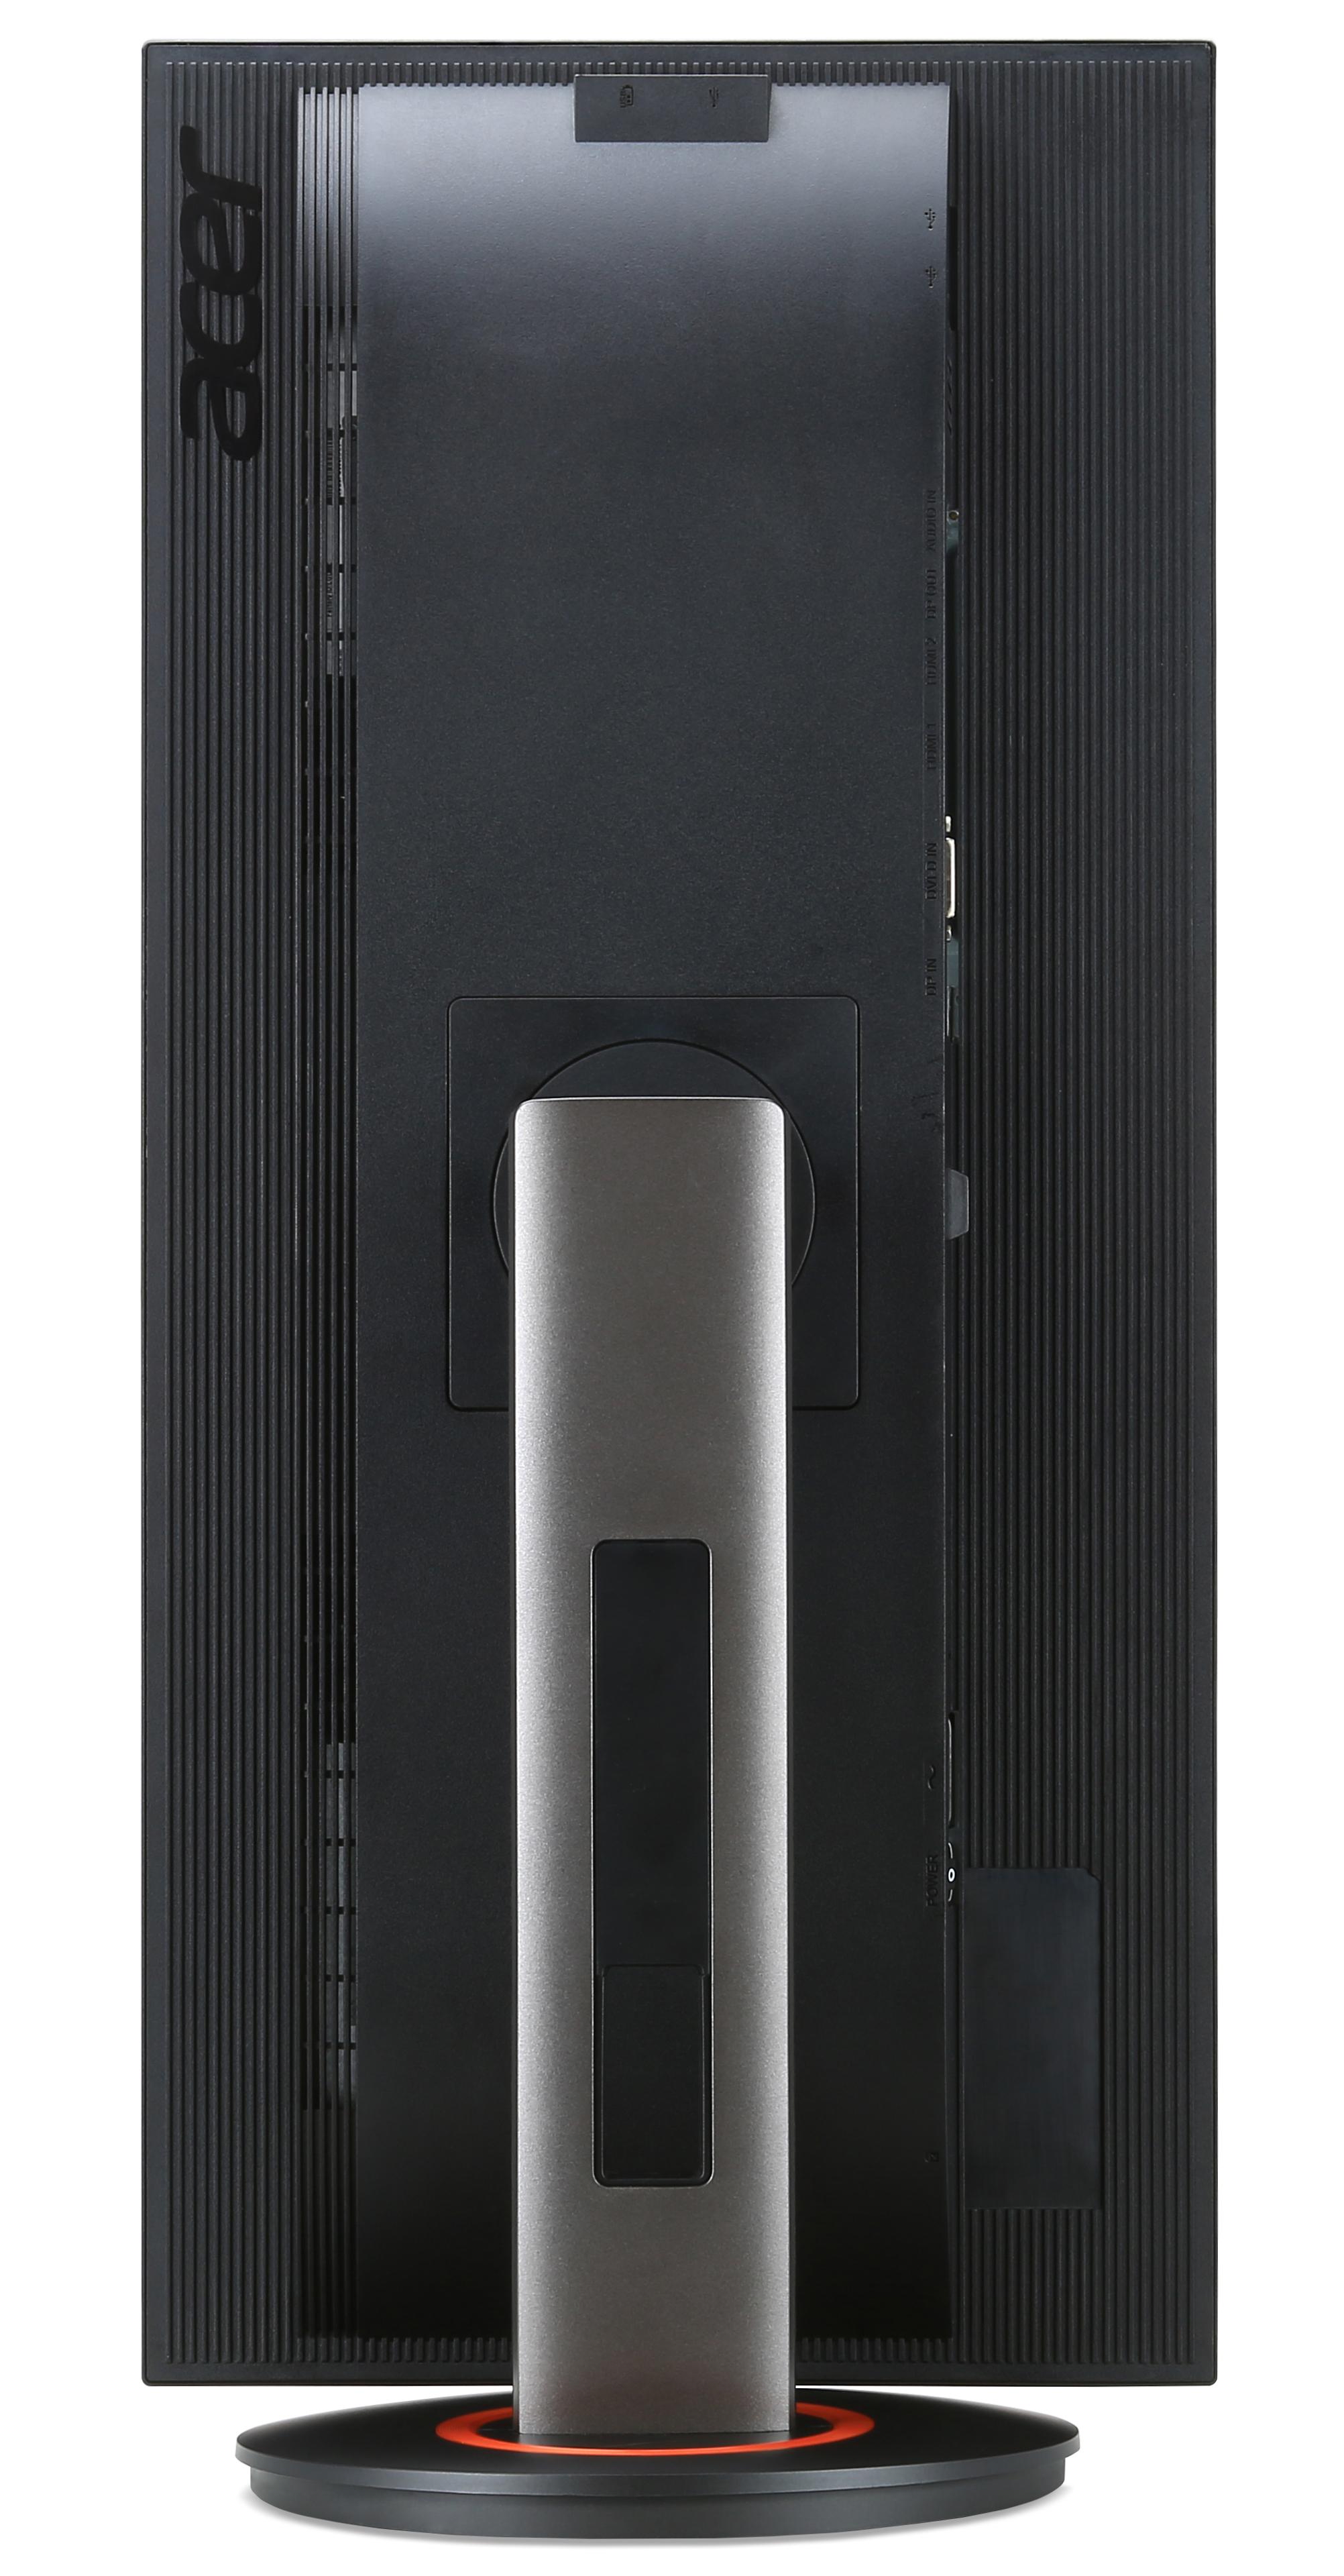 Acer выпустила игровой монитор XF290C с поддержкой AMD FreeSync в России